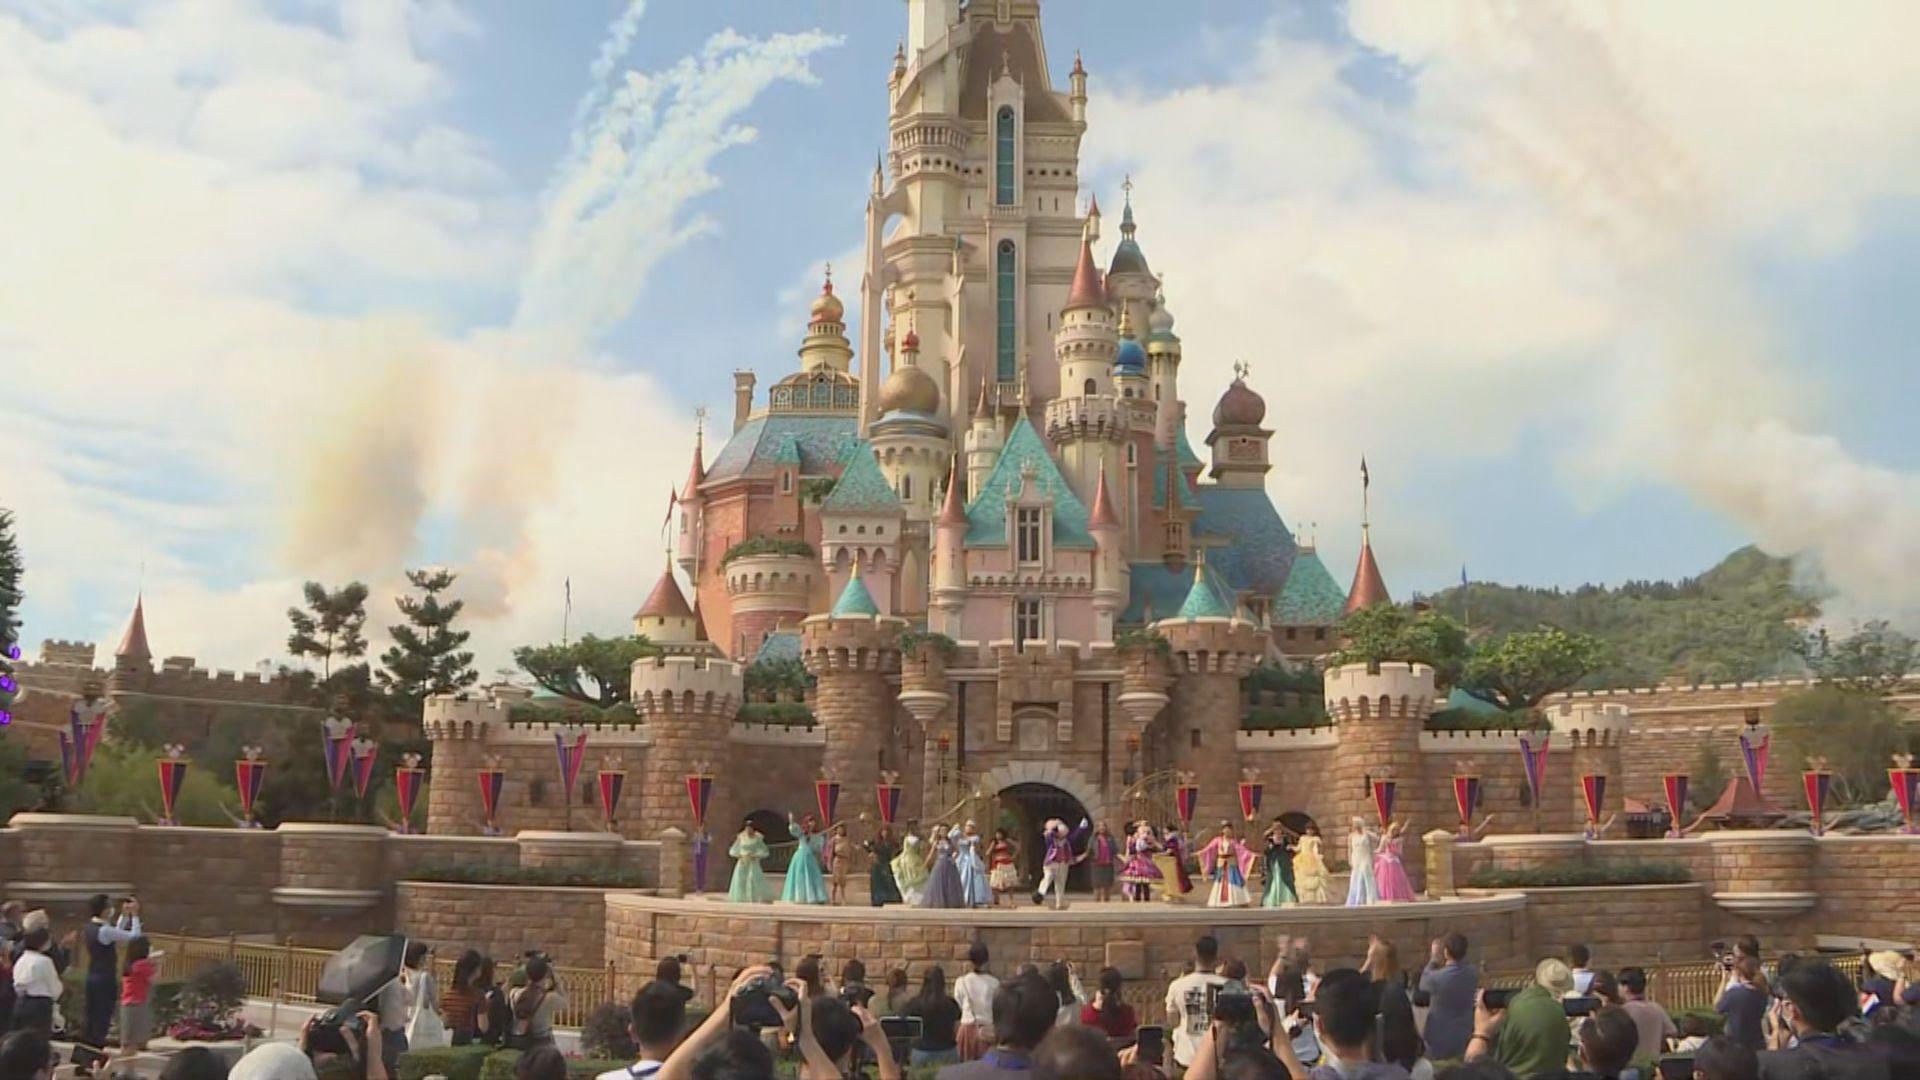 香港迪士尼樂園城堡經翻新後重開